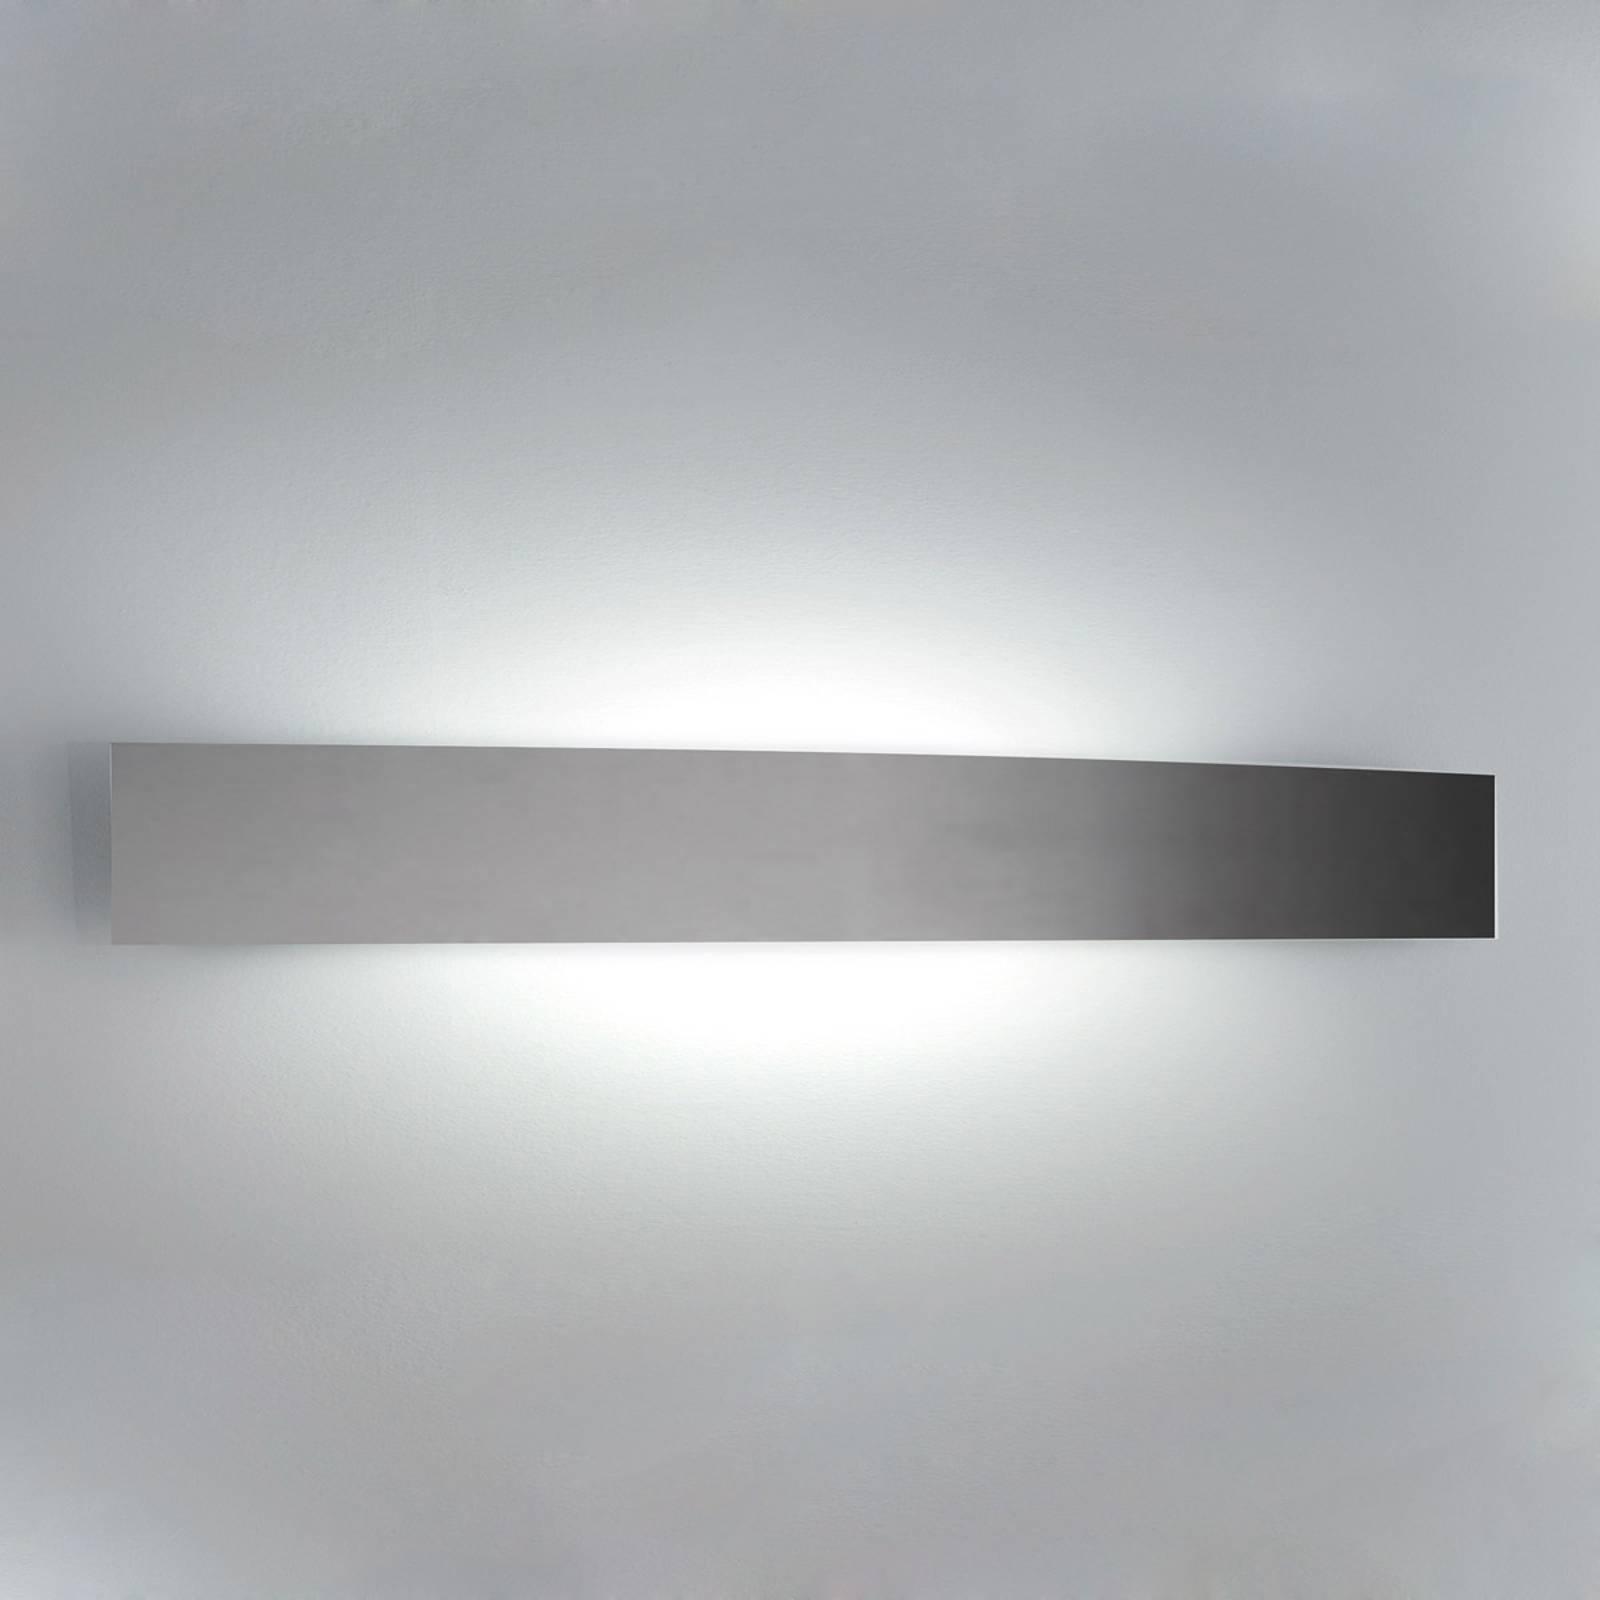 Très belle applique RIGA largeur 56 cm nickel